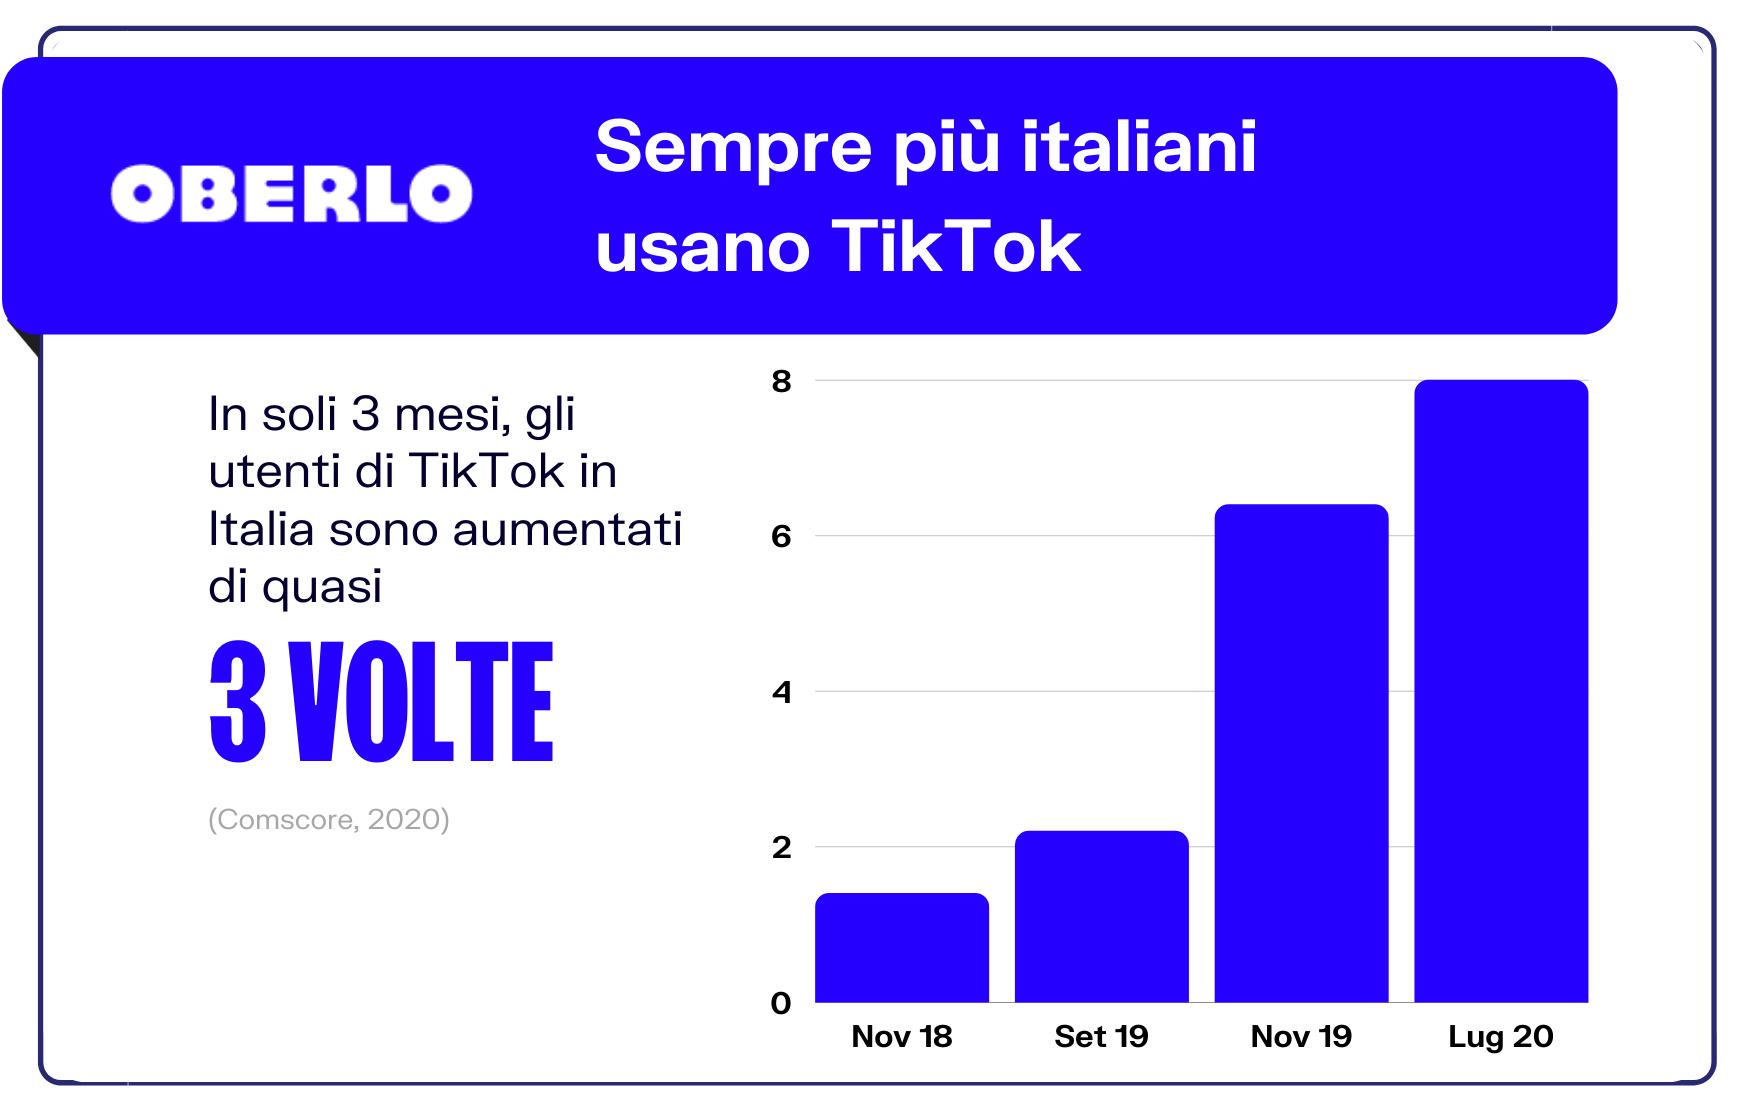 italiani sulla piattaforma